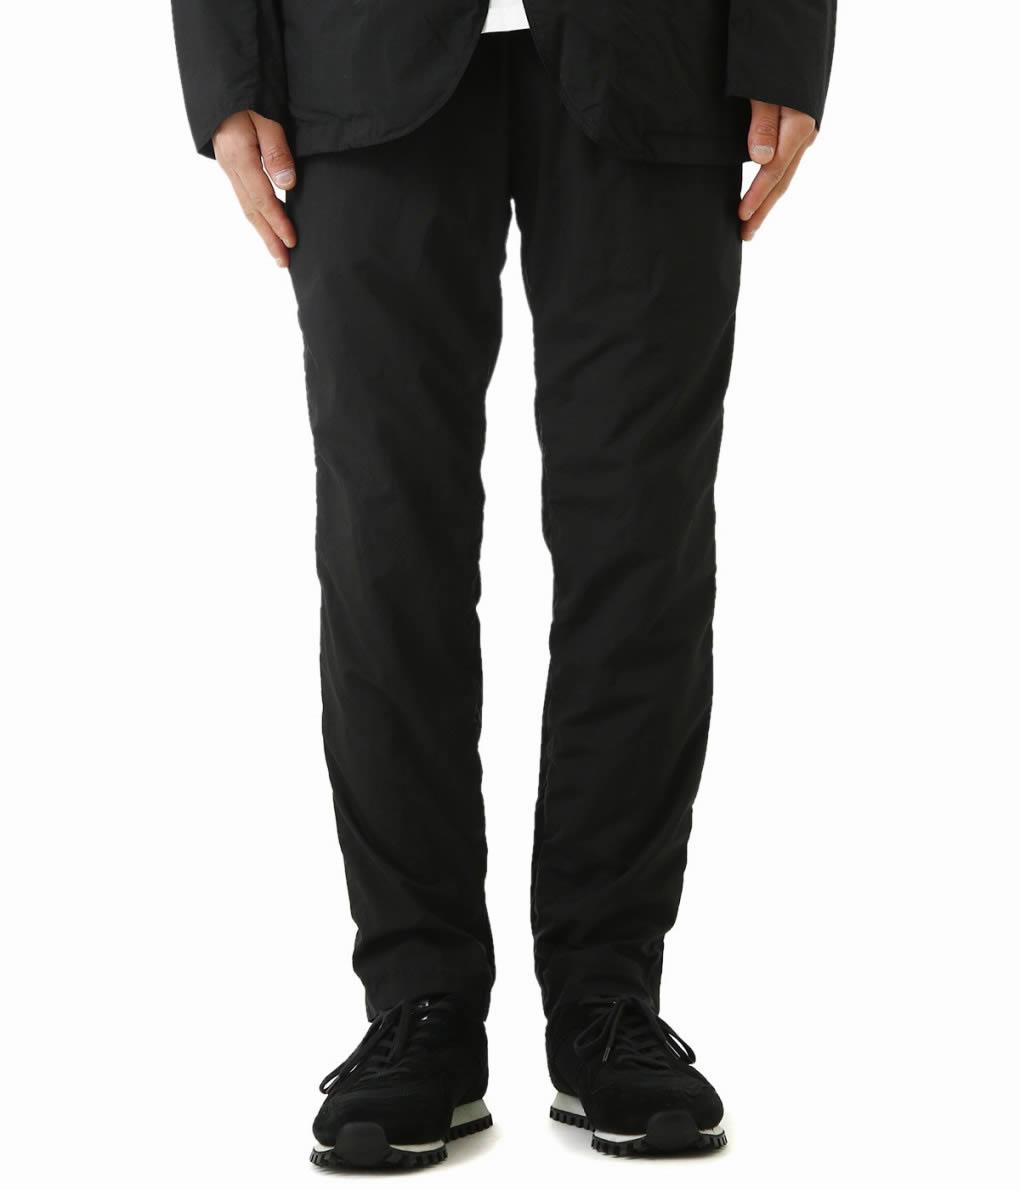 TEATORA / テアトラ : Wallet Pants OFFICE P スリム / 全2色 : メンズ ウォレットパンツ イージーパンツ ワイドパンツ パッカブル オフィス 秋冬 : TT-004OF-P【MUS】